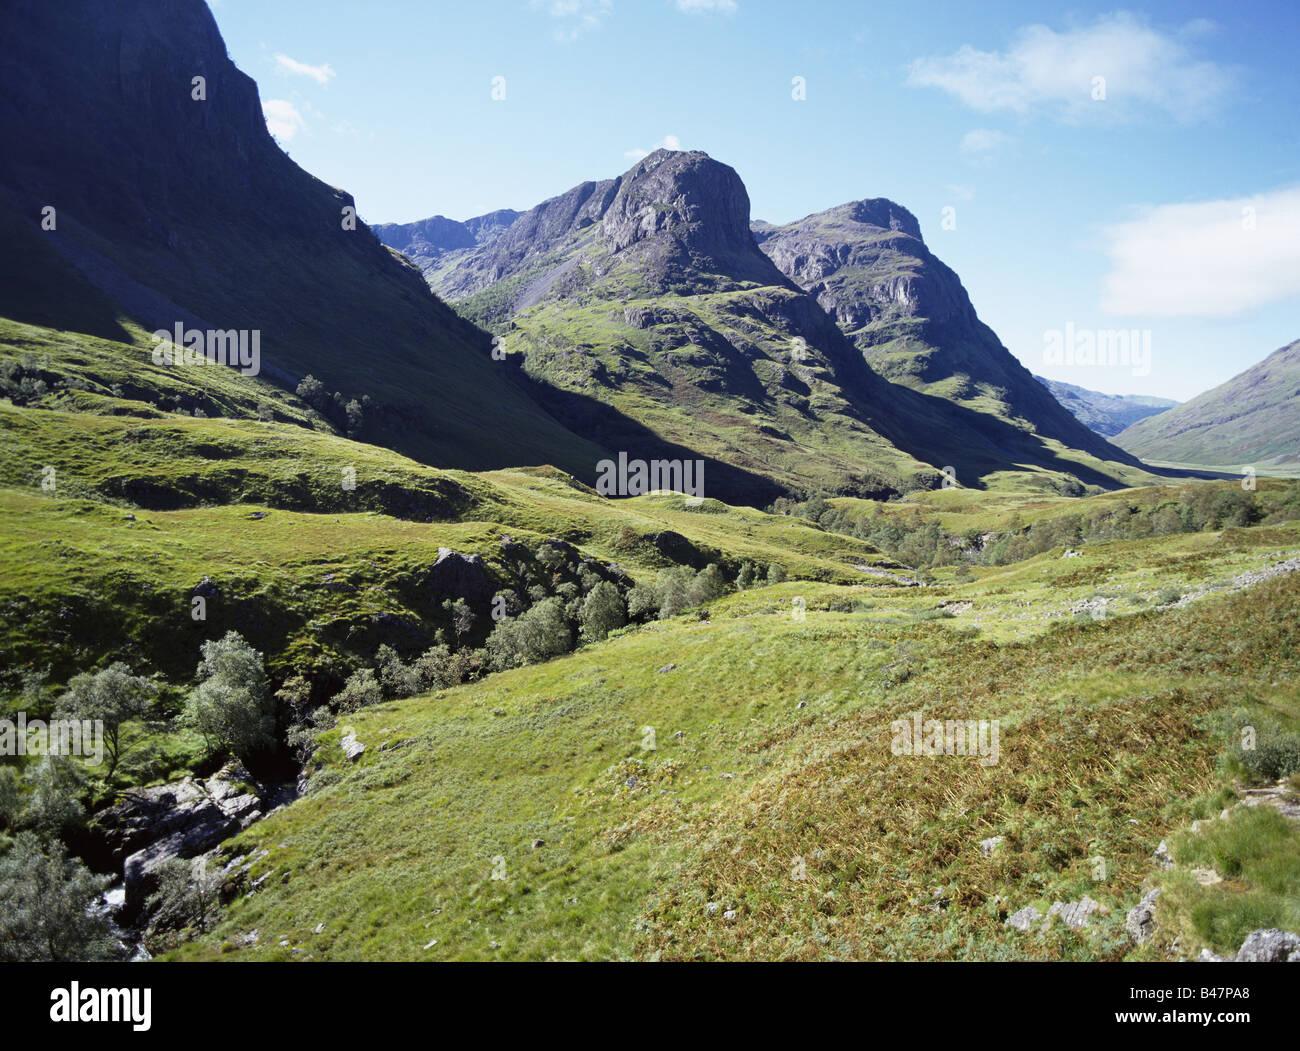 dh The Three Sisters glen coe GLENCOE ARGYLL Rugged Scottish valley craggy mountainous peaks scotland munros mountains Stock Photo